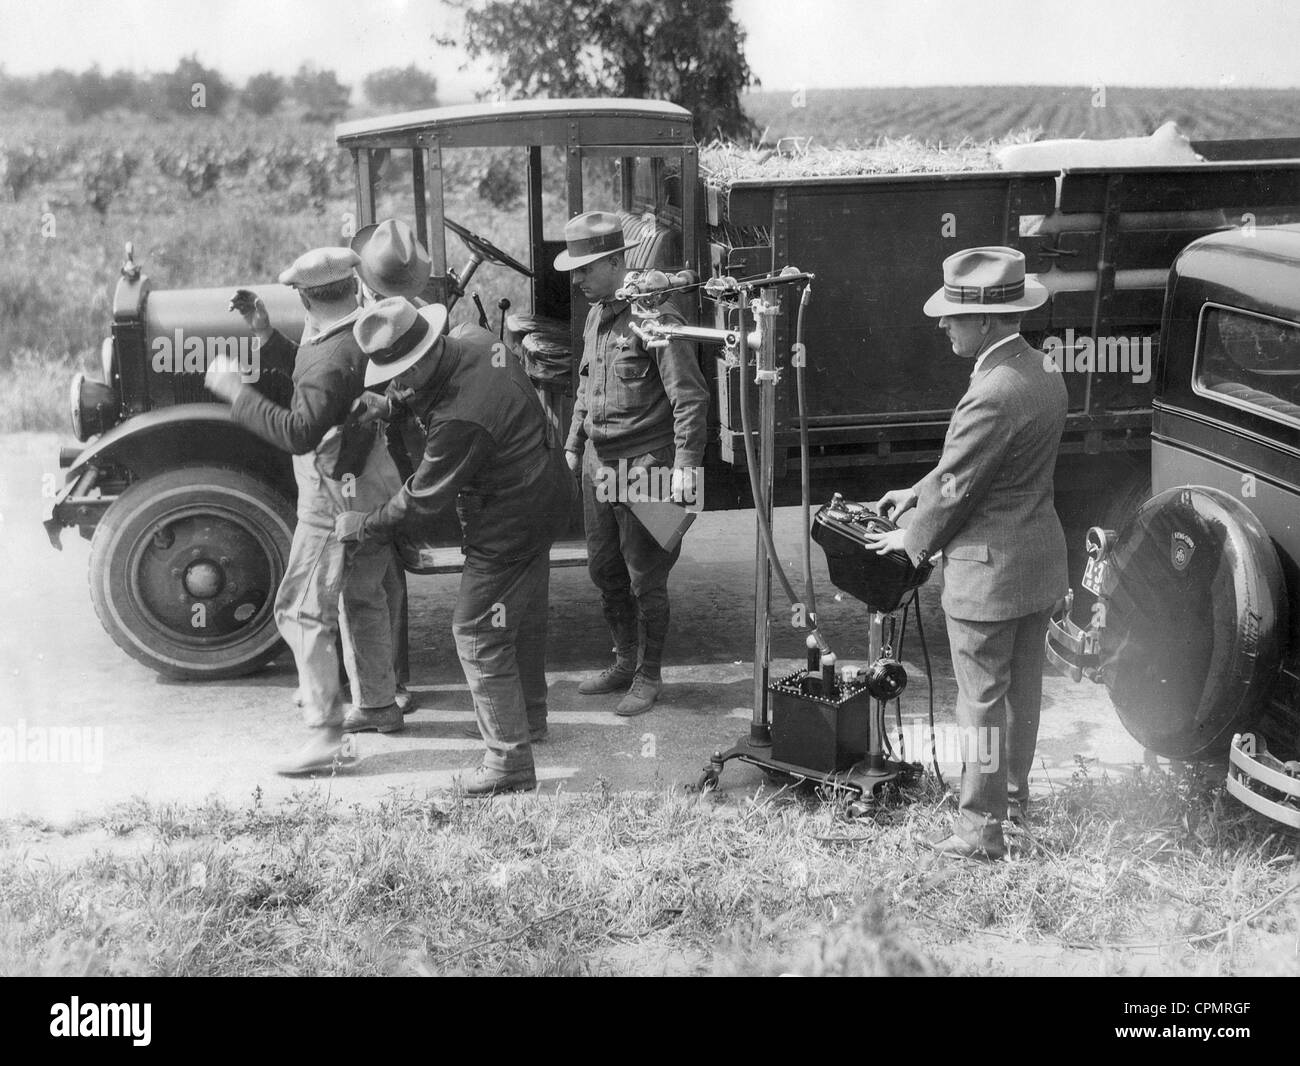 Festnahme eines Schmugglers von Alkohol zur Zeit der Prohibition in den Vereinigten Staaten, 1927 Stockbild